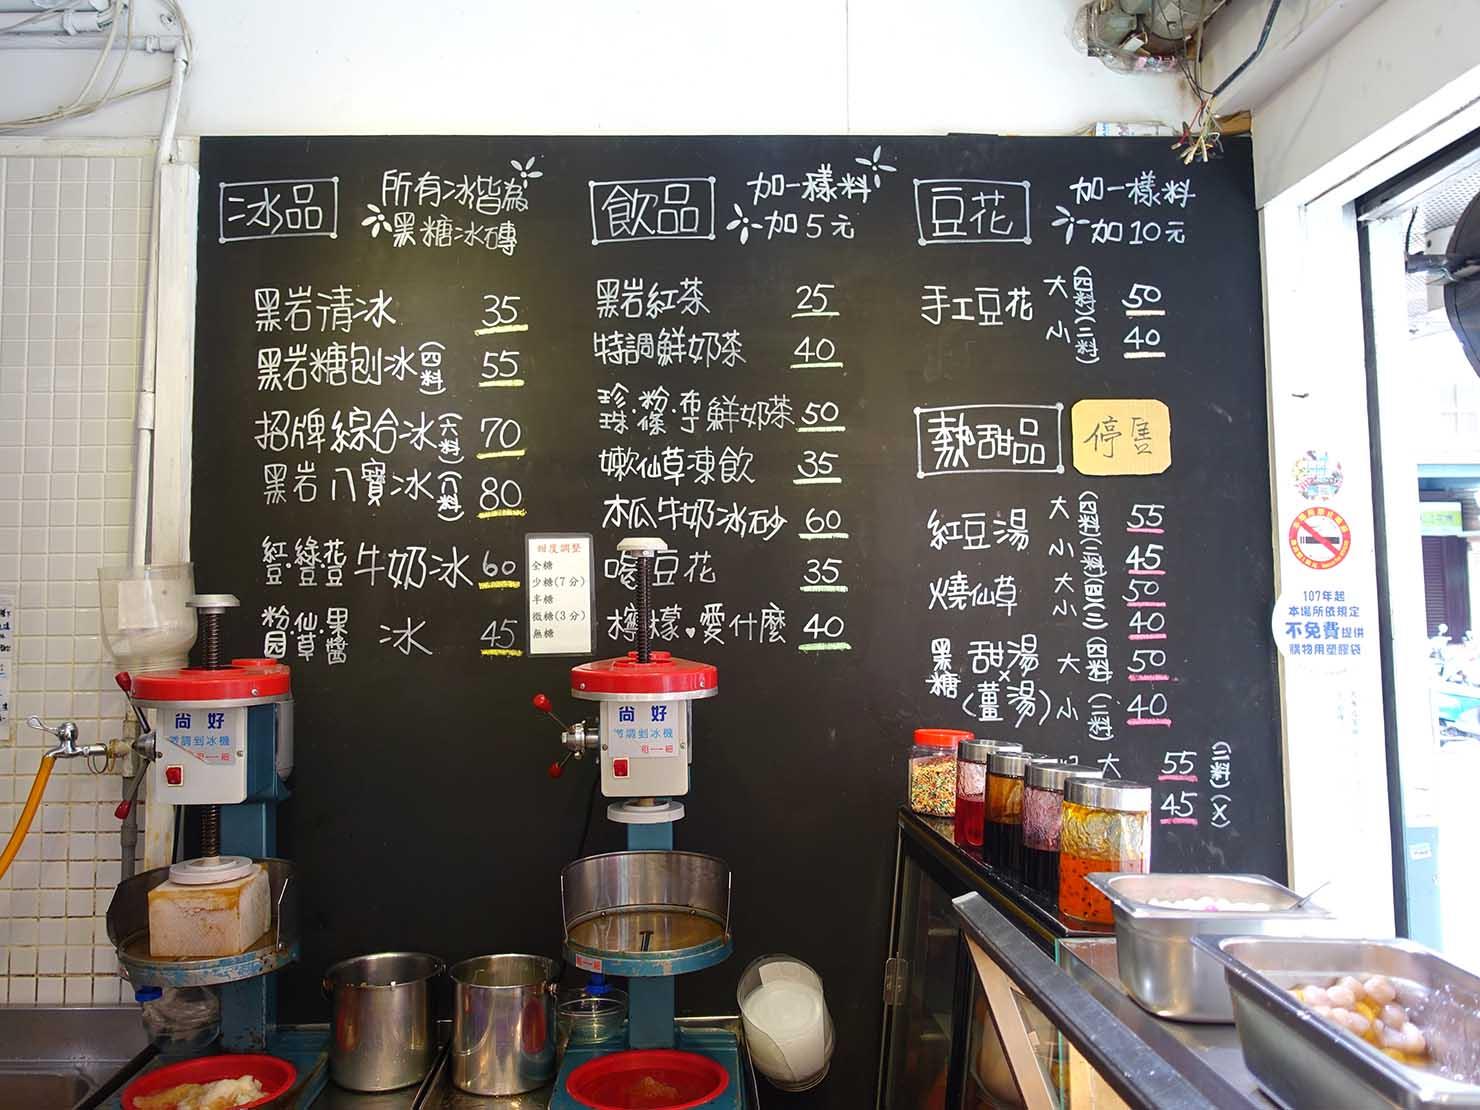 台北・行天宮のおすすめグルメ店「黑岩古早味砂糖剉氷」のメニュー